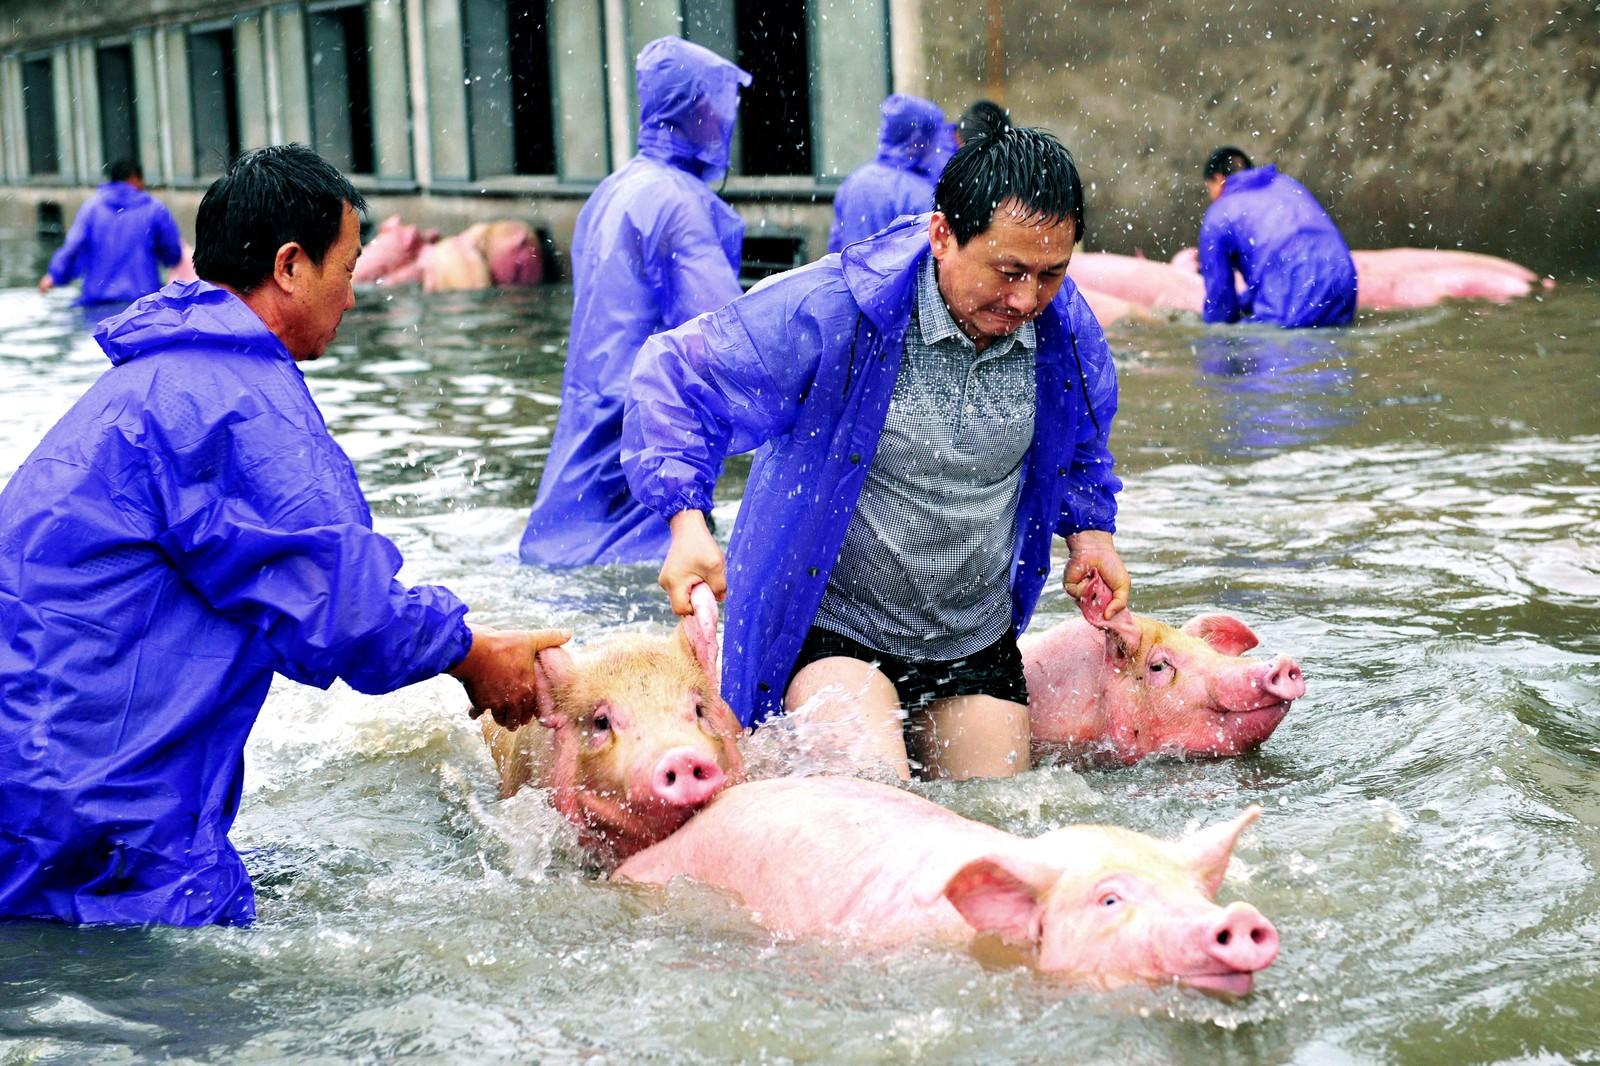 Griser trengte hjelp til å unnslippe en flom i Luàn i Anhui i Kina.